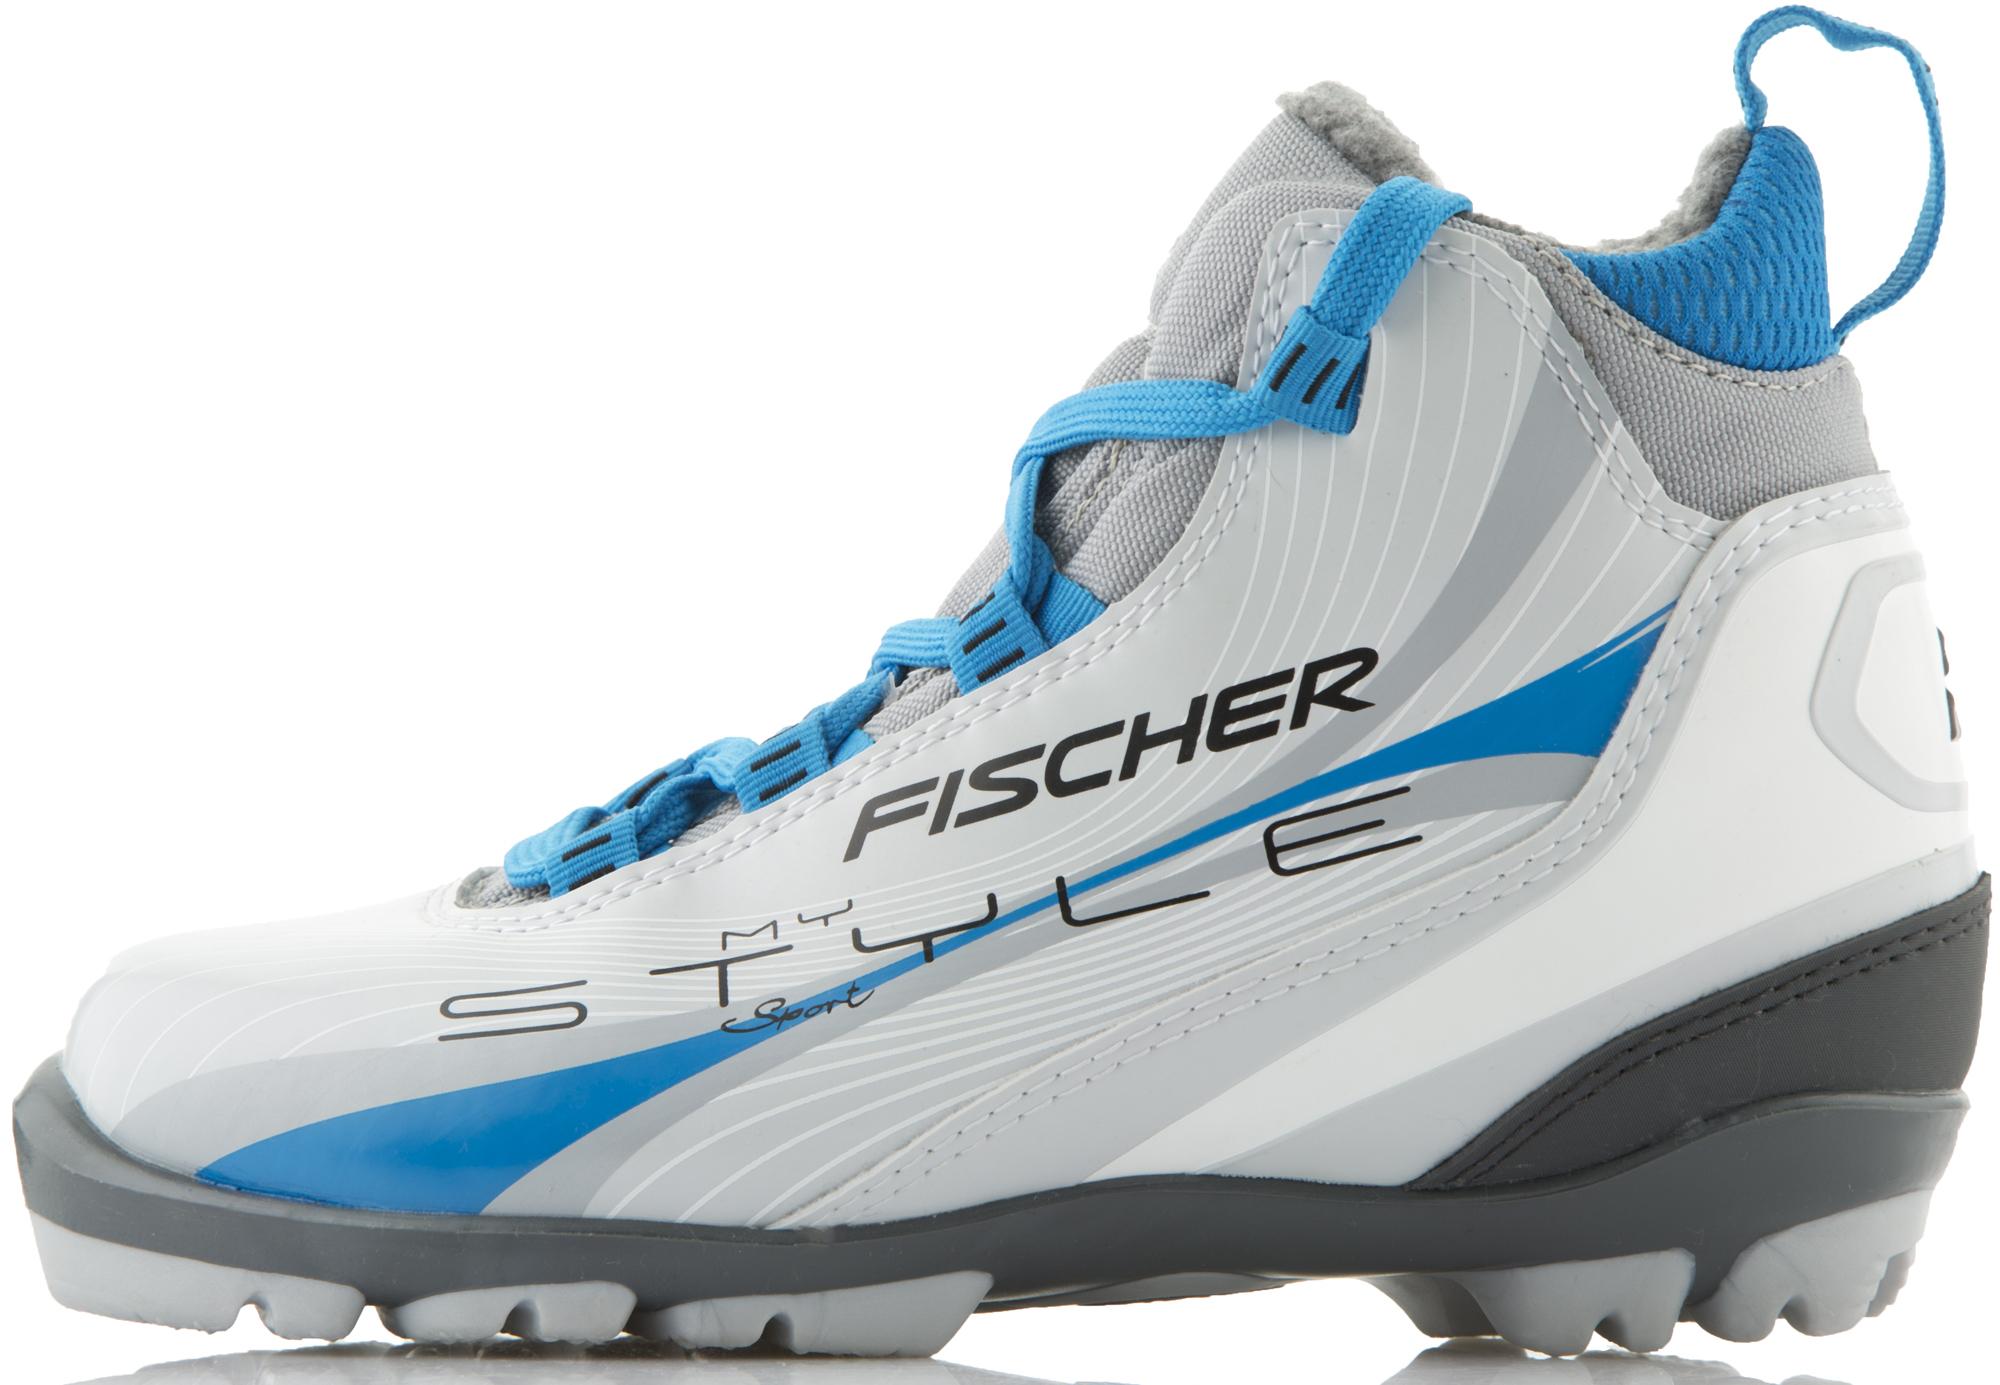 Fischer Ботинки для беговых лыж женские Fischer XC Sport My Style все цены